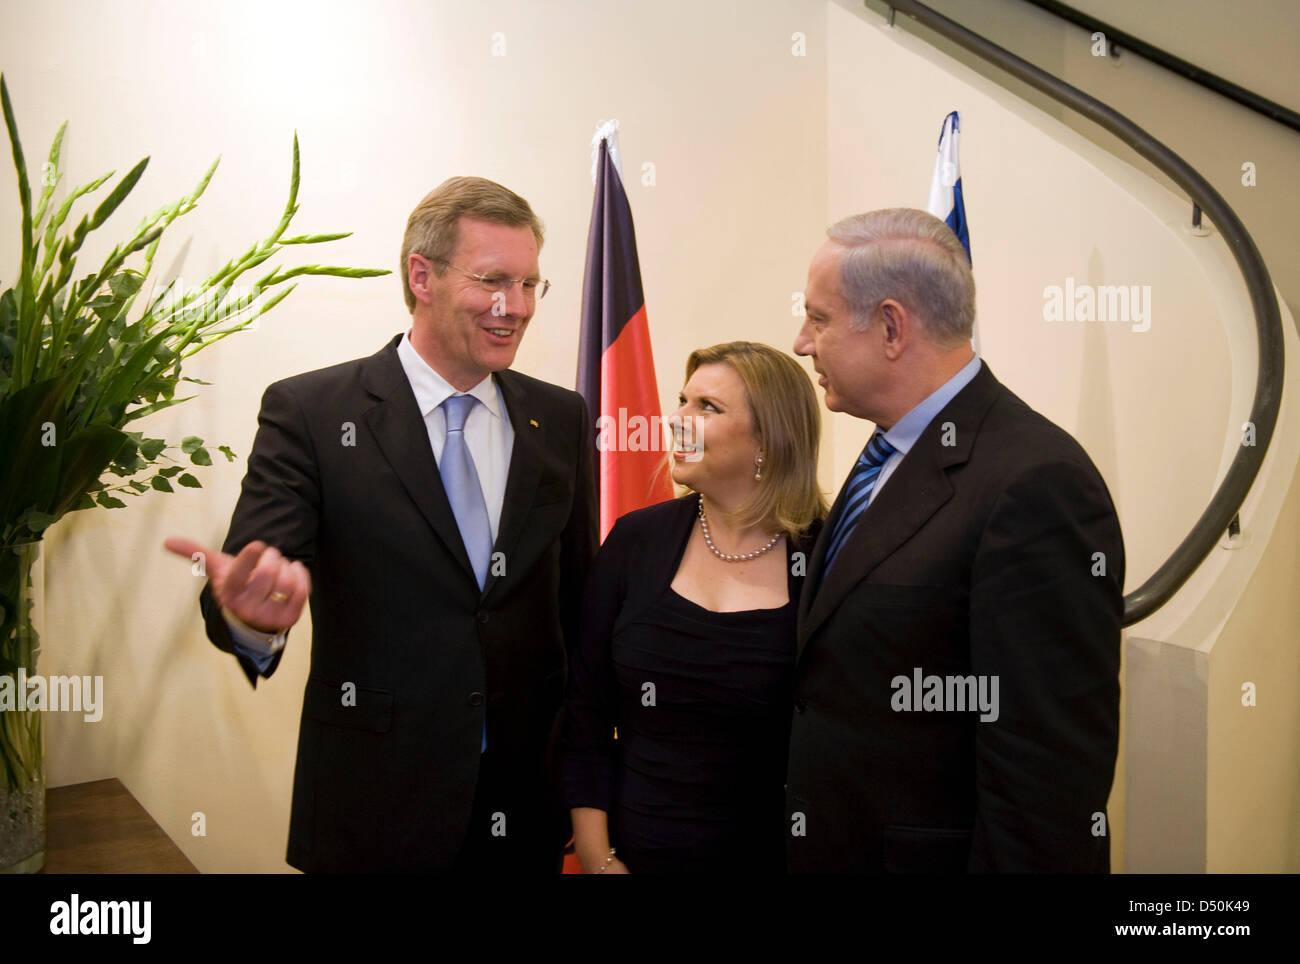 Bundespräsident Christian Wulff(l) wird am Montag (29.11.2010) von Israels Premierminister Benjamin Netanjahu - Stock Image